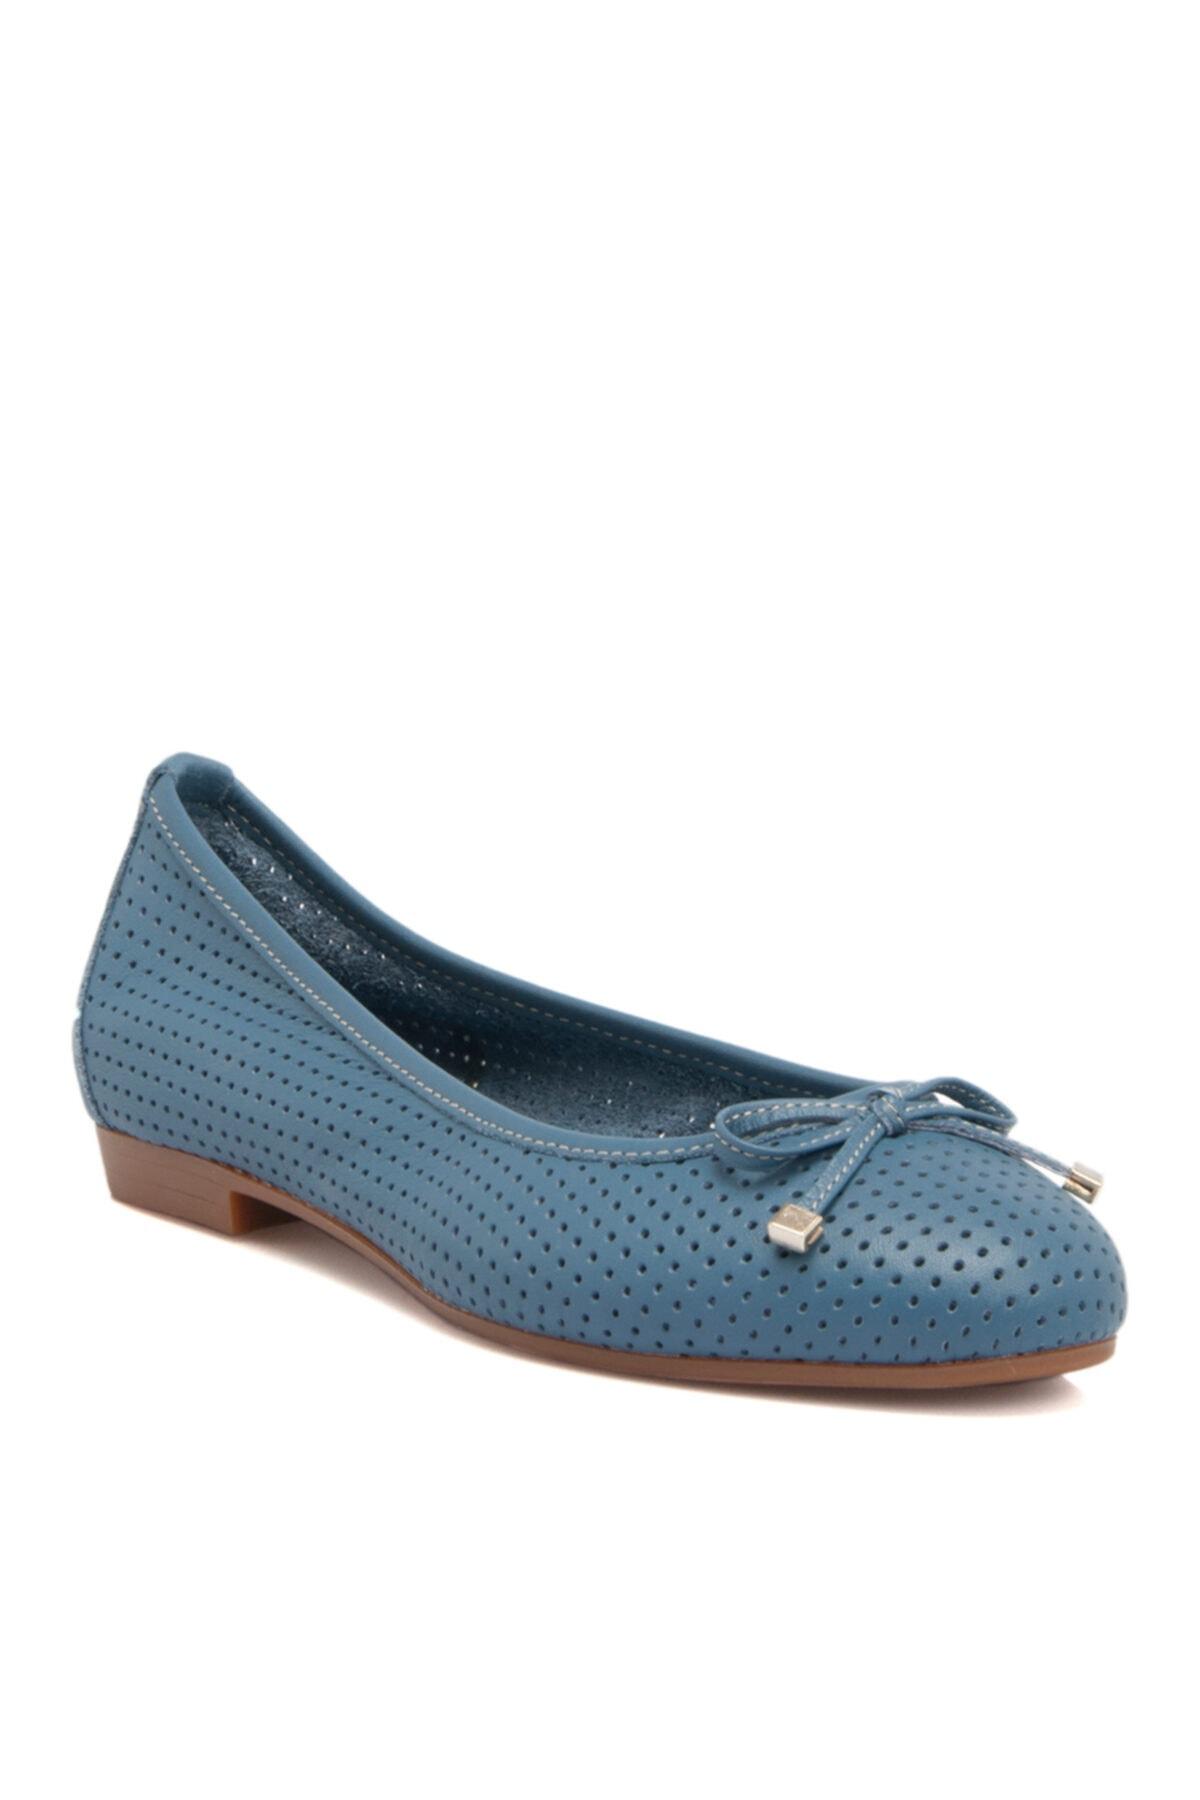 Tergan Mavi Kadın Babet 64506k67 1